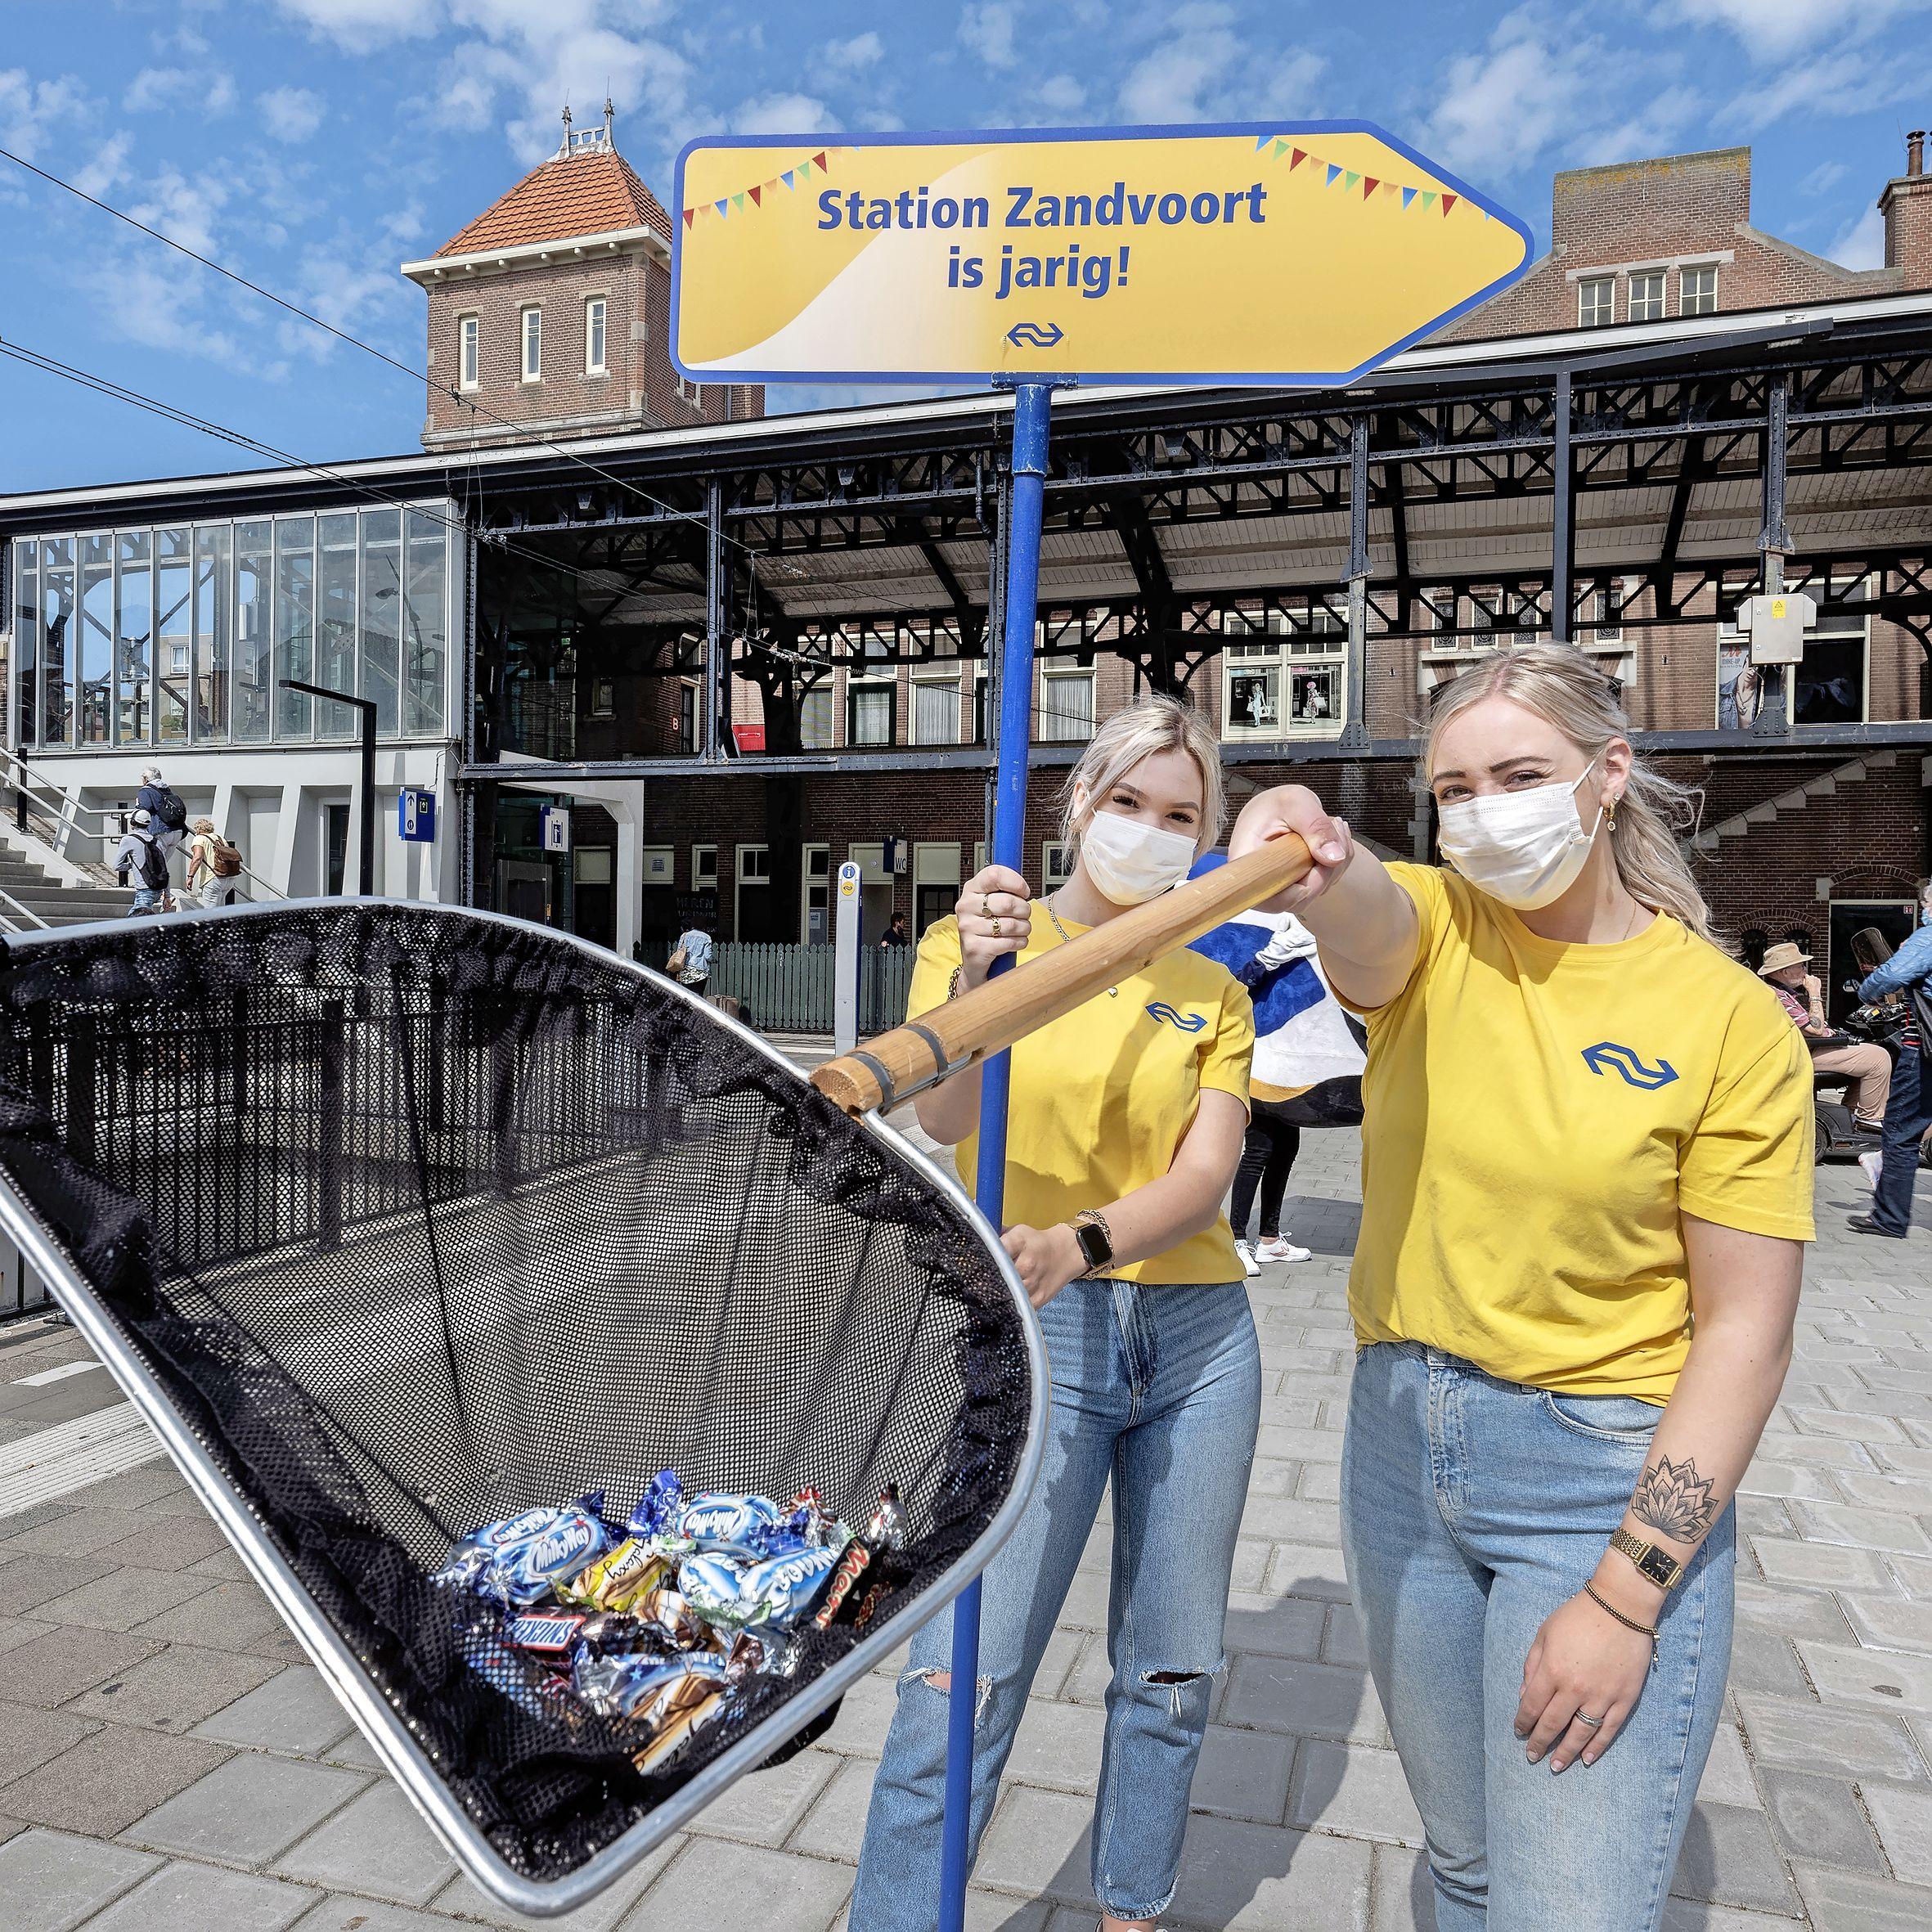 NS viert 140-jarig bestaan station Zandvoort 'Gemeente attendeerde ons op verjaardag'